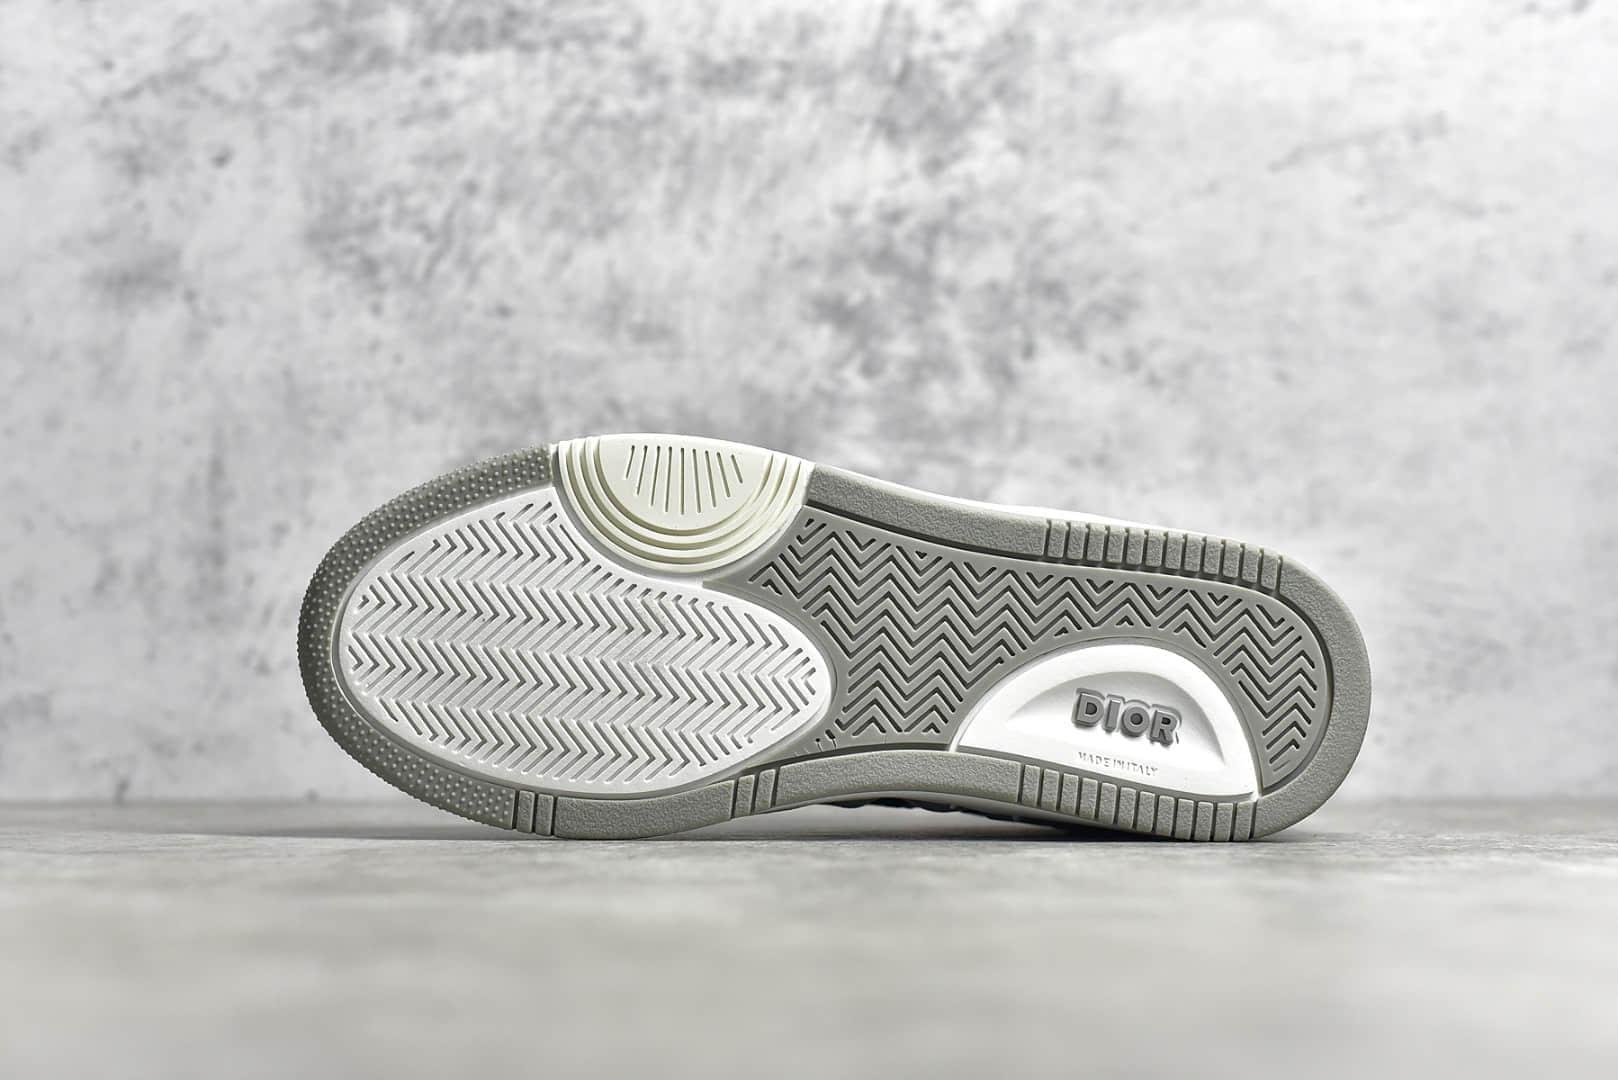 迪奥B27系列低帮板鞋 各路明星上脚Dior迪奥2020秋冬款 莆田迪奥顶级复刻版本-潮流者之家